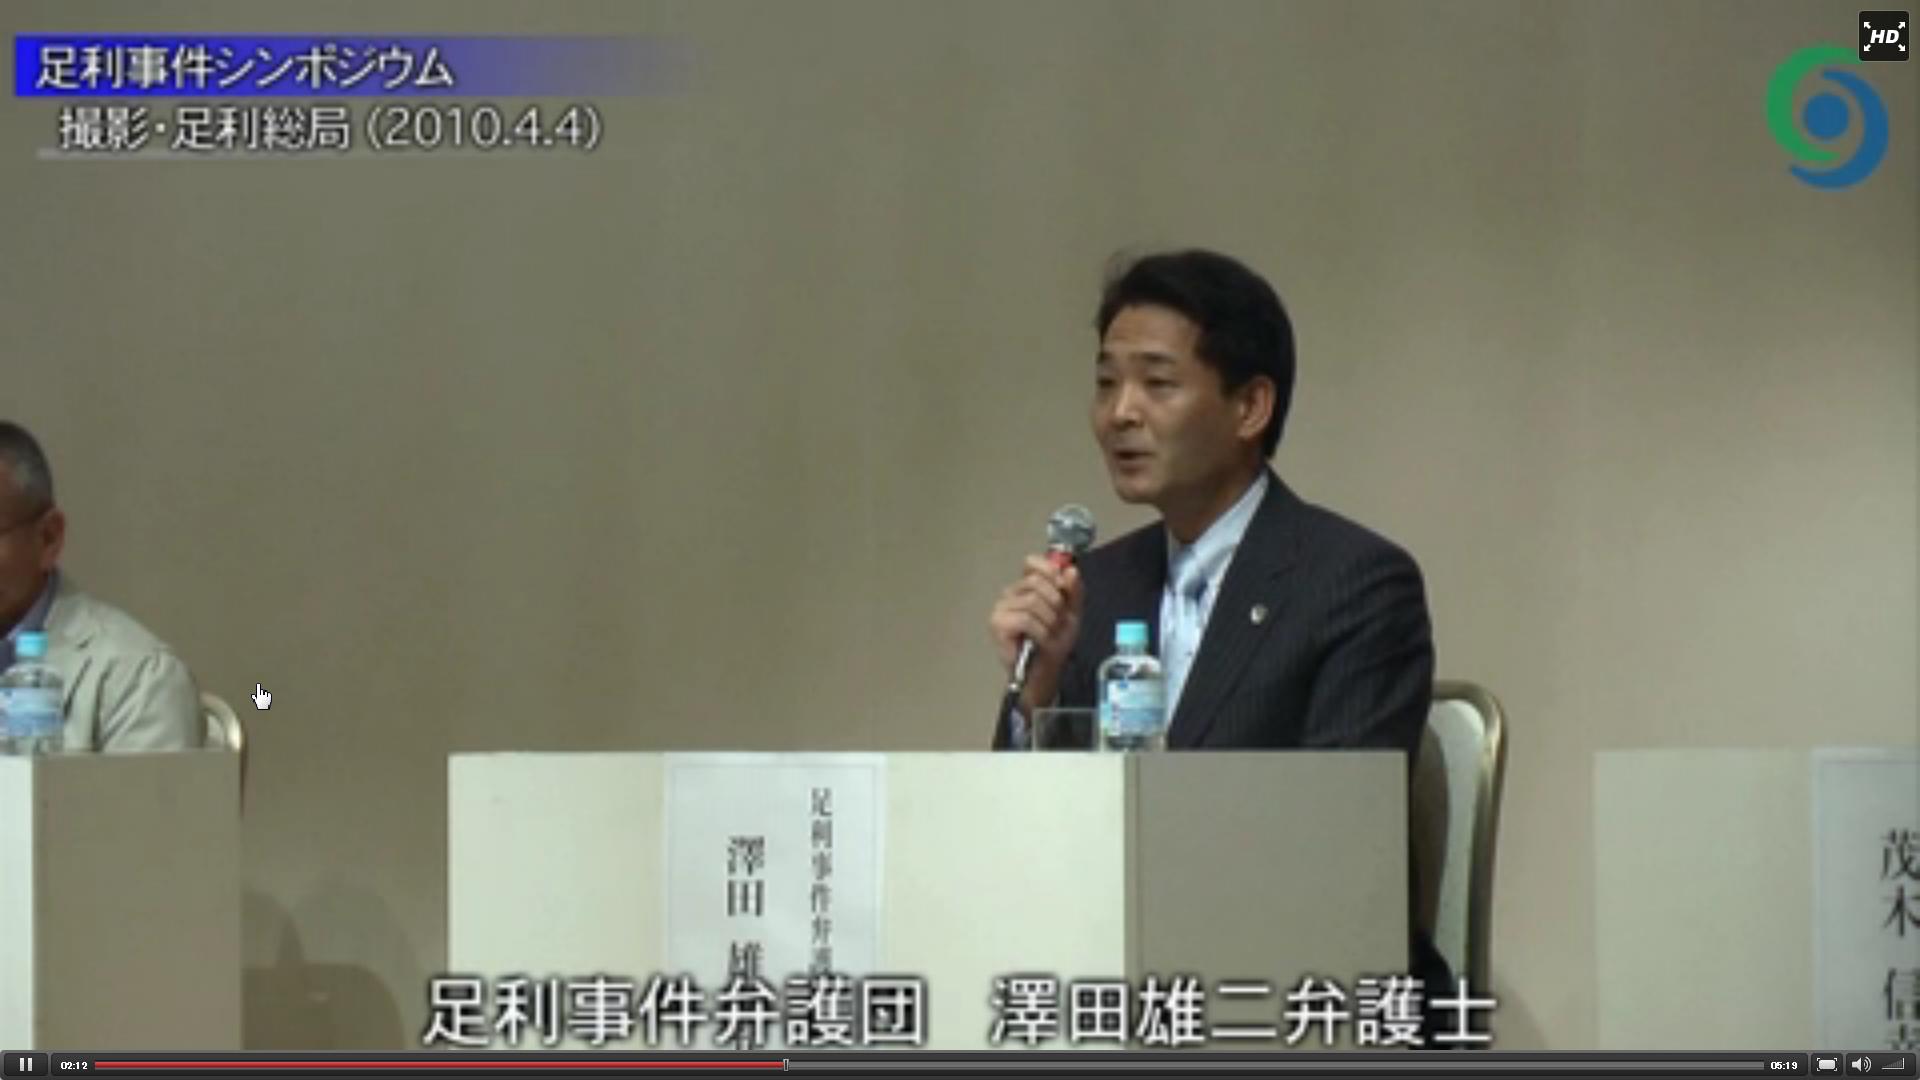 澤田雄二弁護士